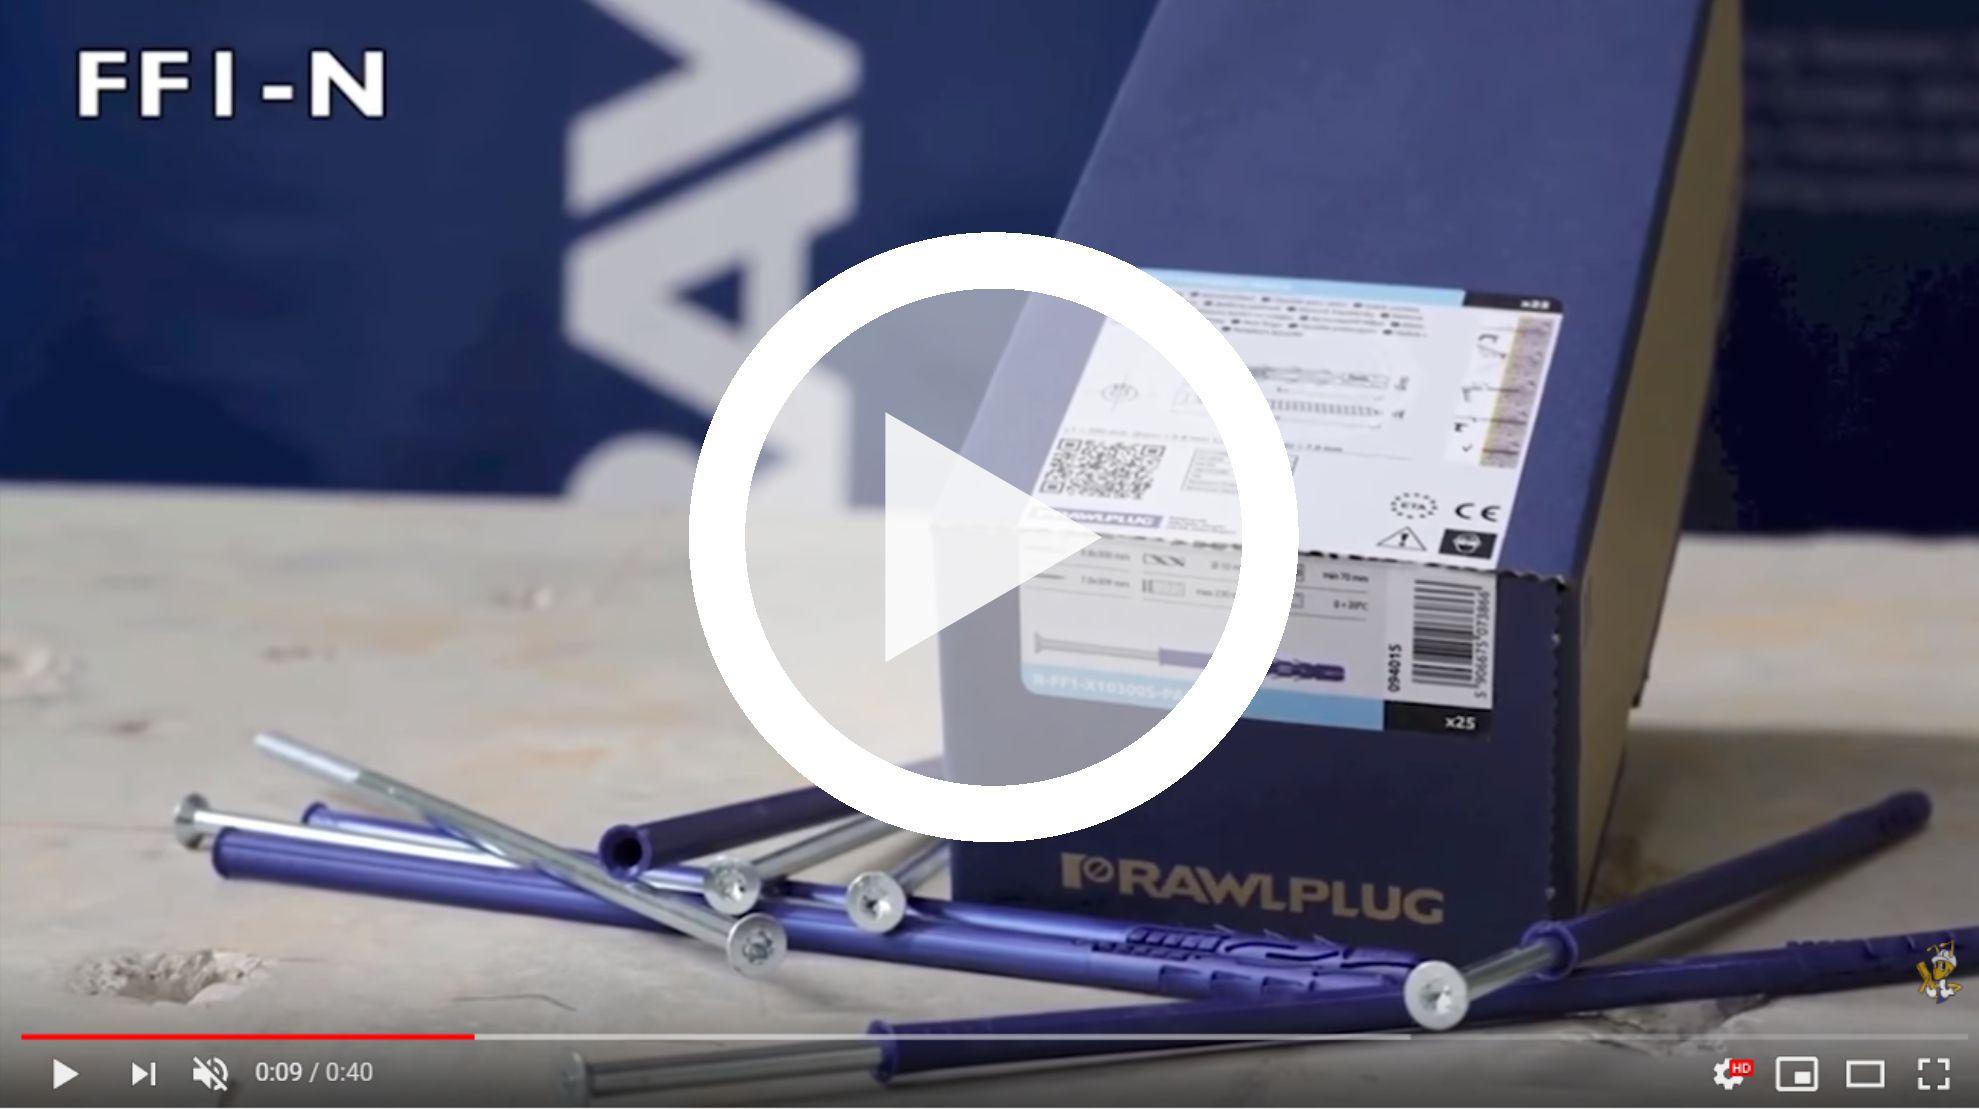 instrukcja-montazu-przy-uzyciu-kolka-ramowego-rawlplug-ff1